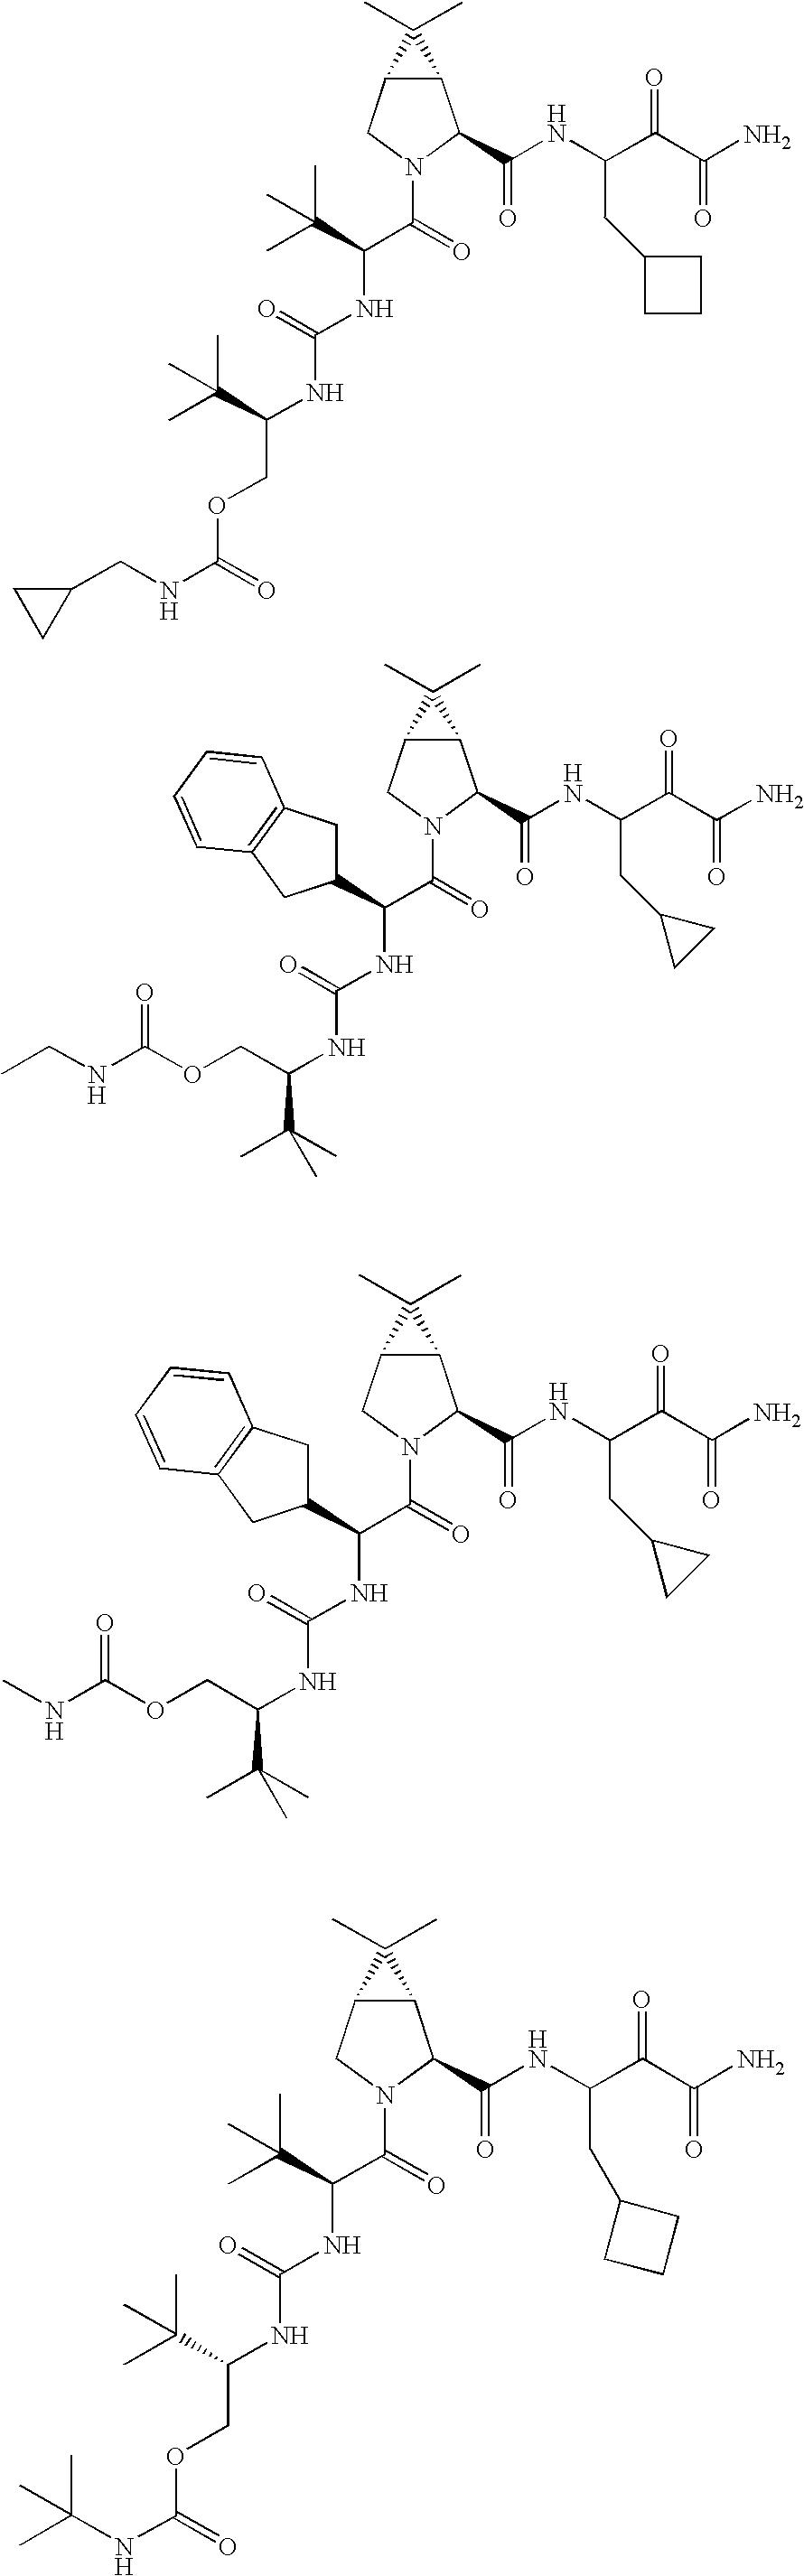 Figure US20060287248A1-20061221-C00365